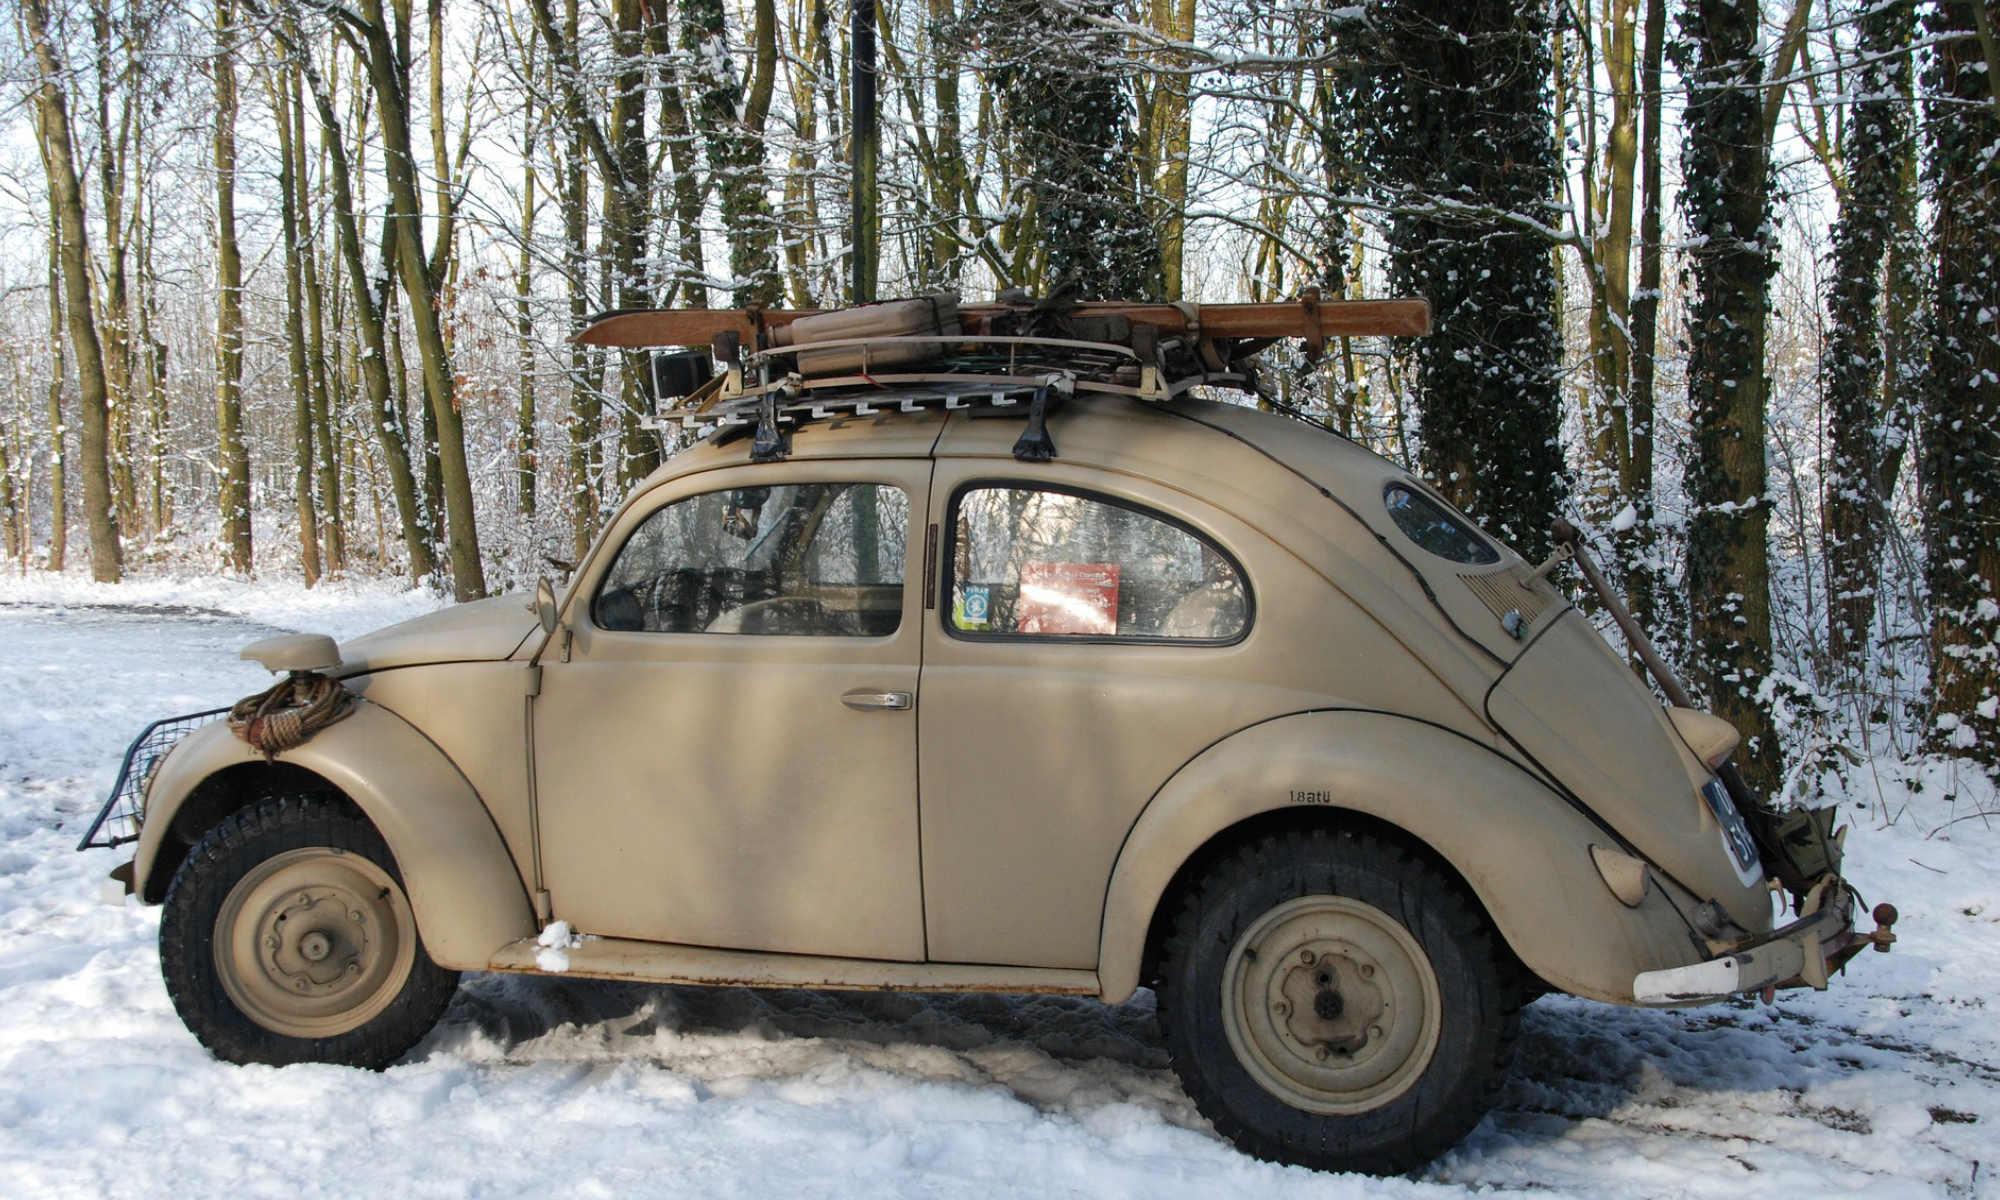 Ein Auto aus der ersten Hälfte des 20. Jahrhunderts, der Gepäckträger beladen mit der Skiausrüstung.